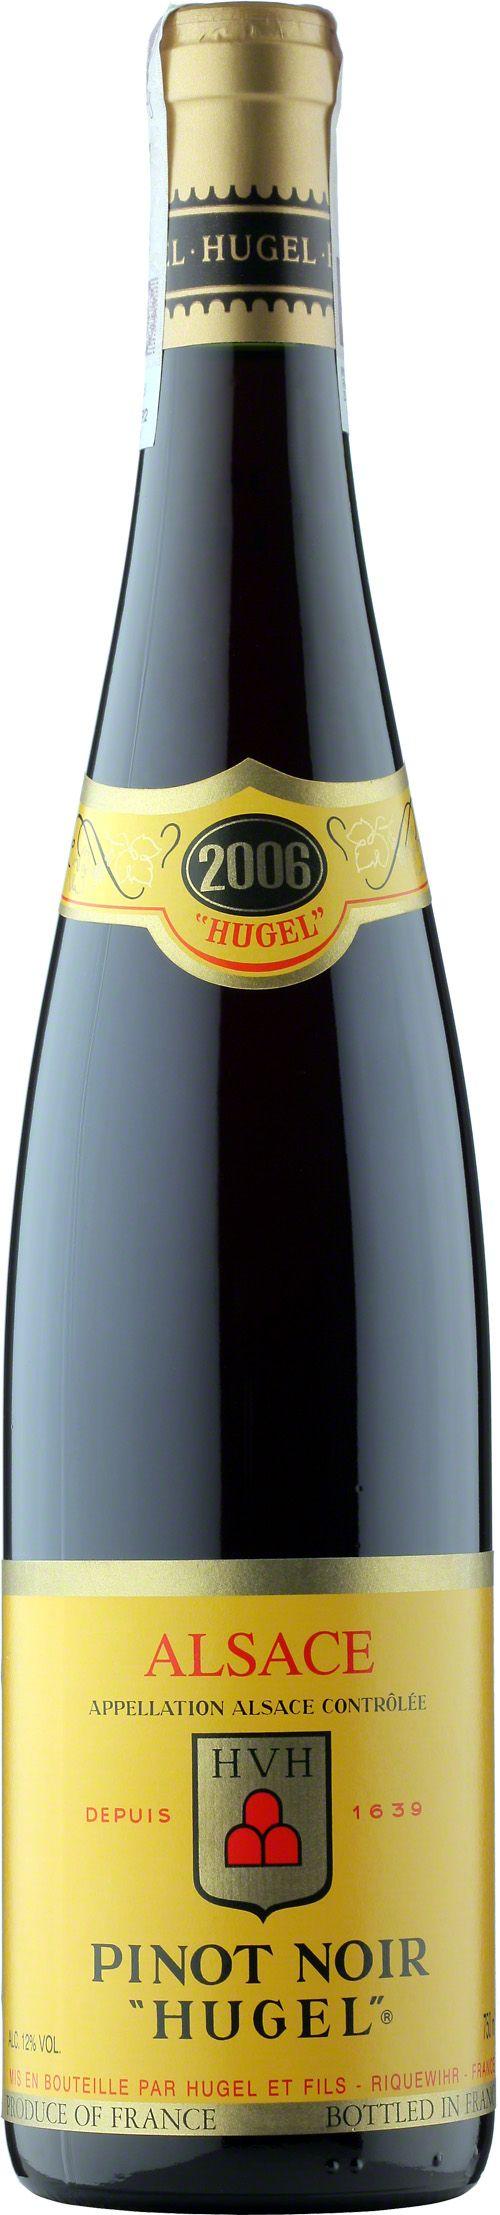 Hugel Pinot Noir Alsace A.O.C Pinot Noir to jeden z najszlachetniejszych szczepów, z którego rodzą się największe wina świata. Wino delikatne z posmakiem wiśni, malin i porzeczek. Idealne do wędlin, pasztetów oraz wędzonych ryb. #Hugel #Pinot #Noir #Wino #Winezja #Alzacja